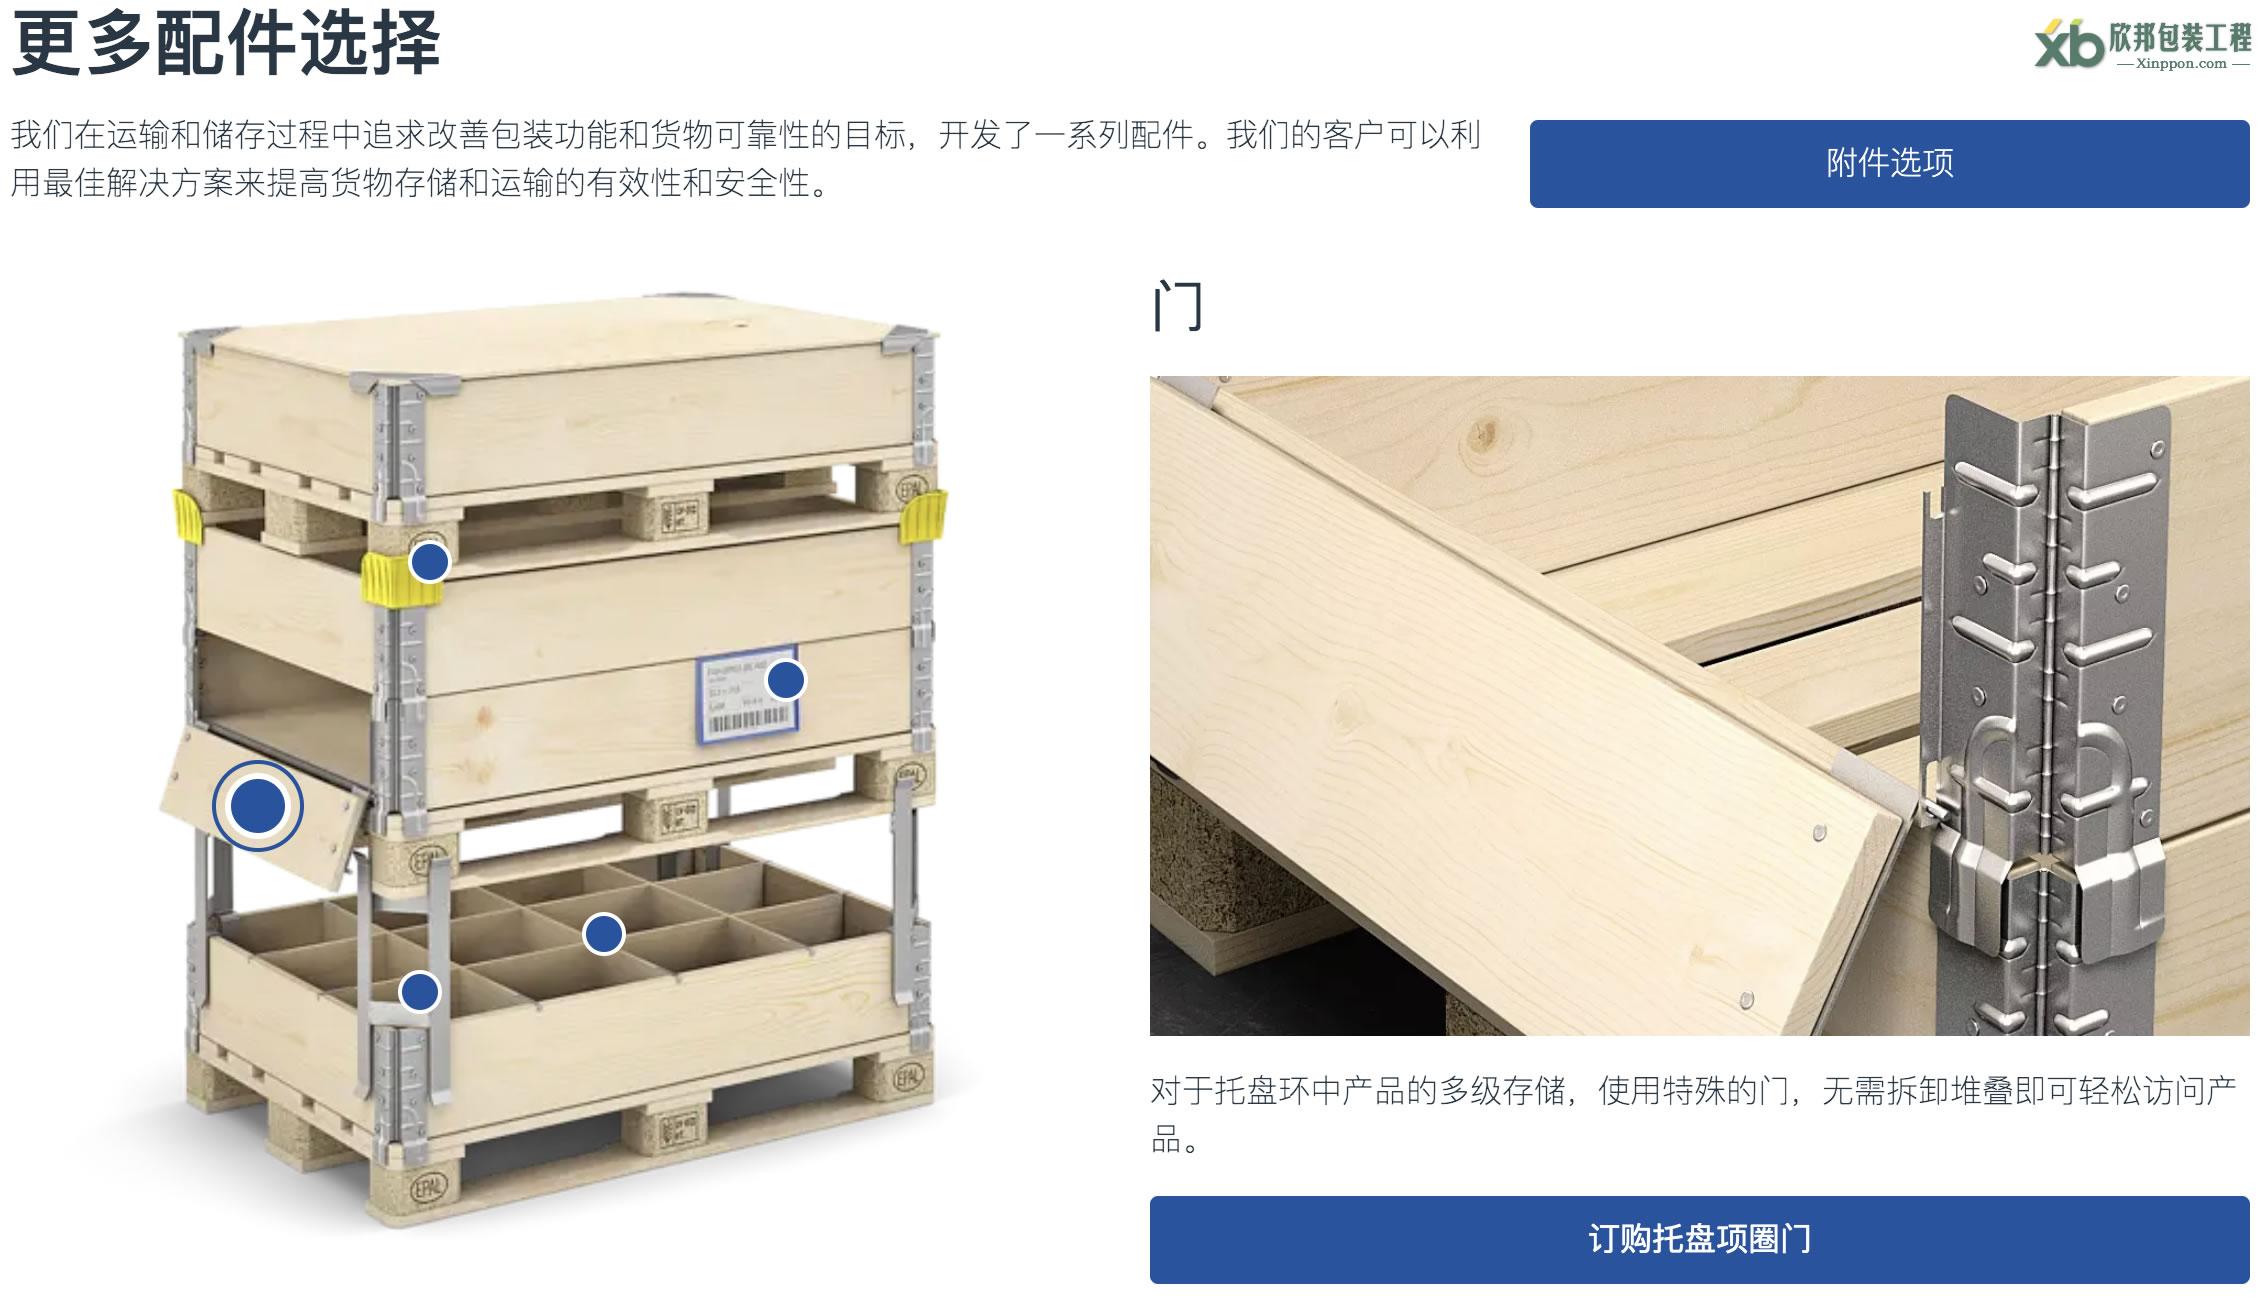 杭州木箱,杭州木箱厂,杭州木箱包装,围板箱